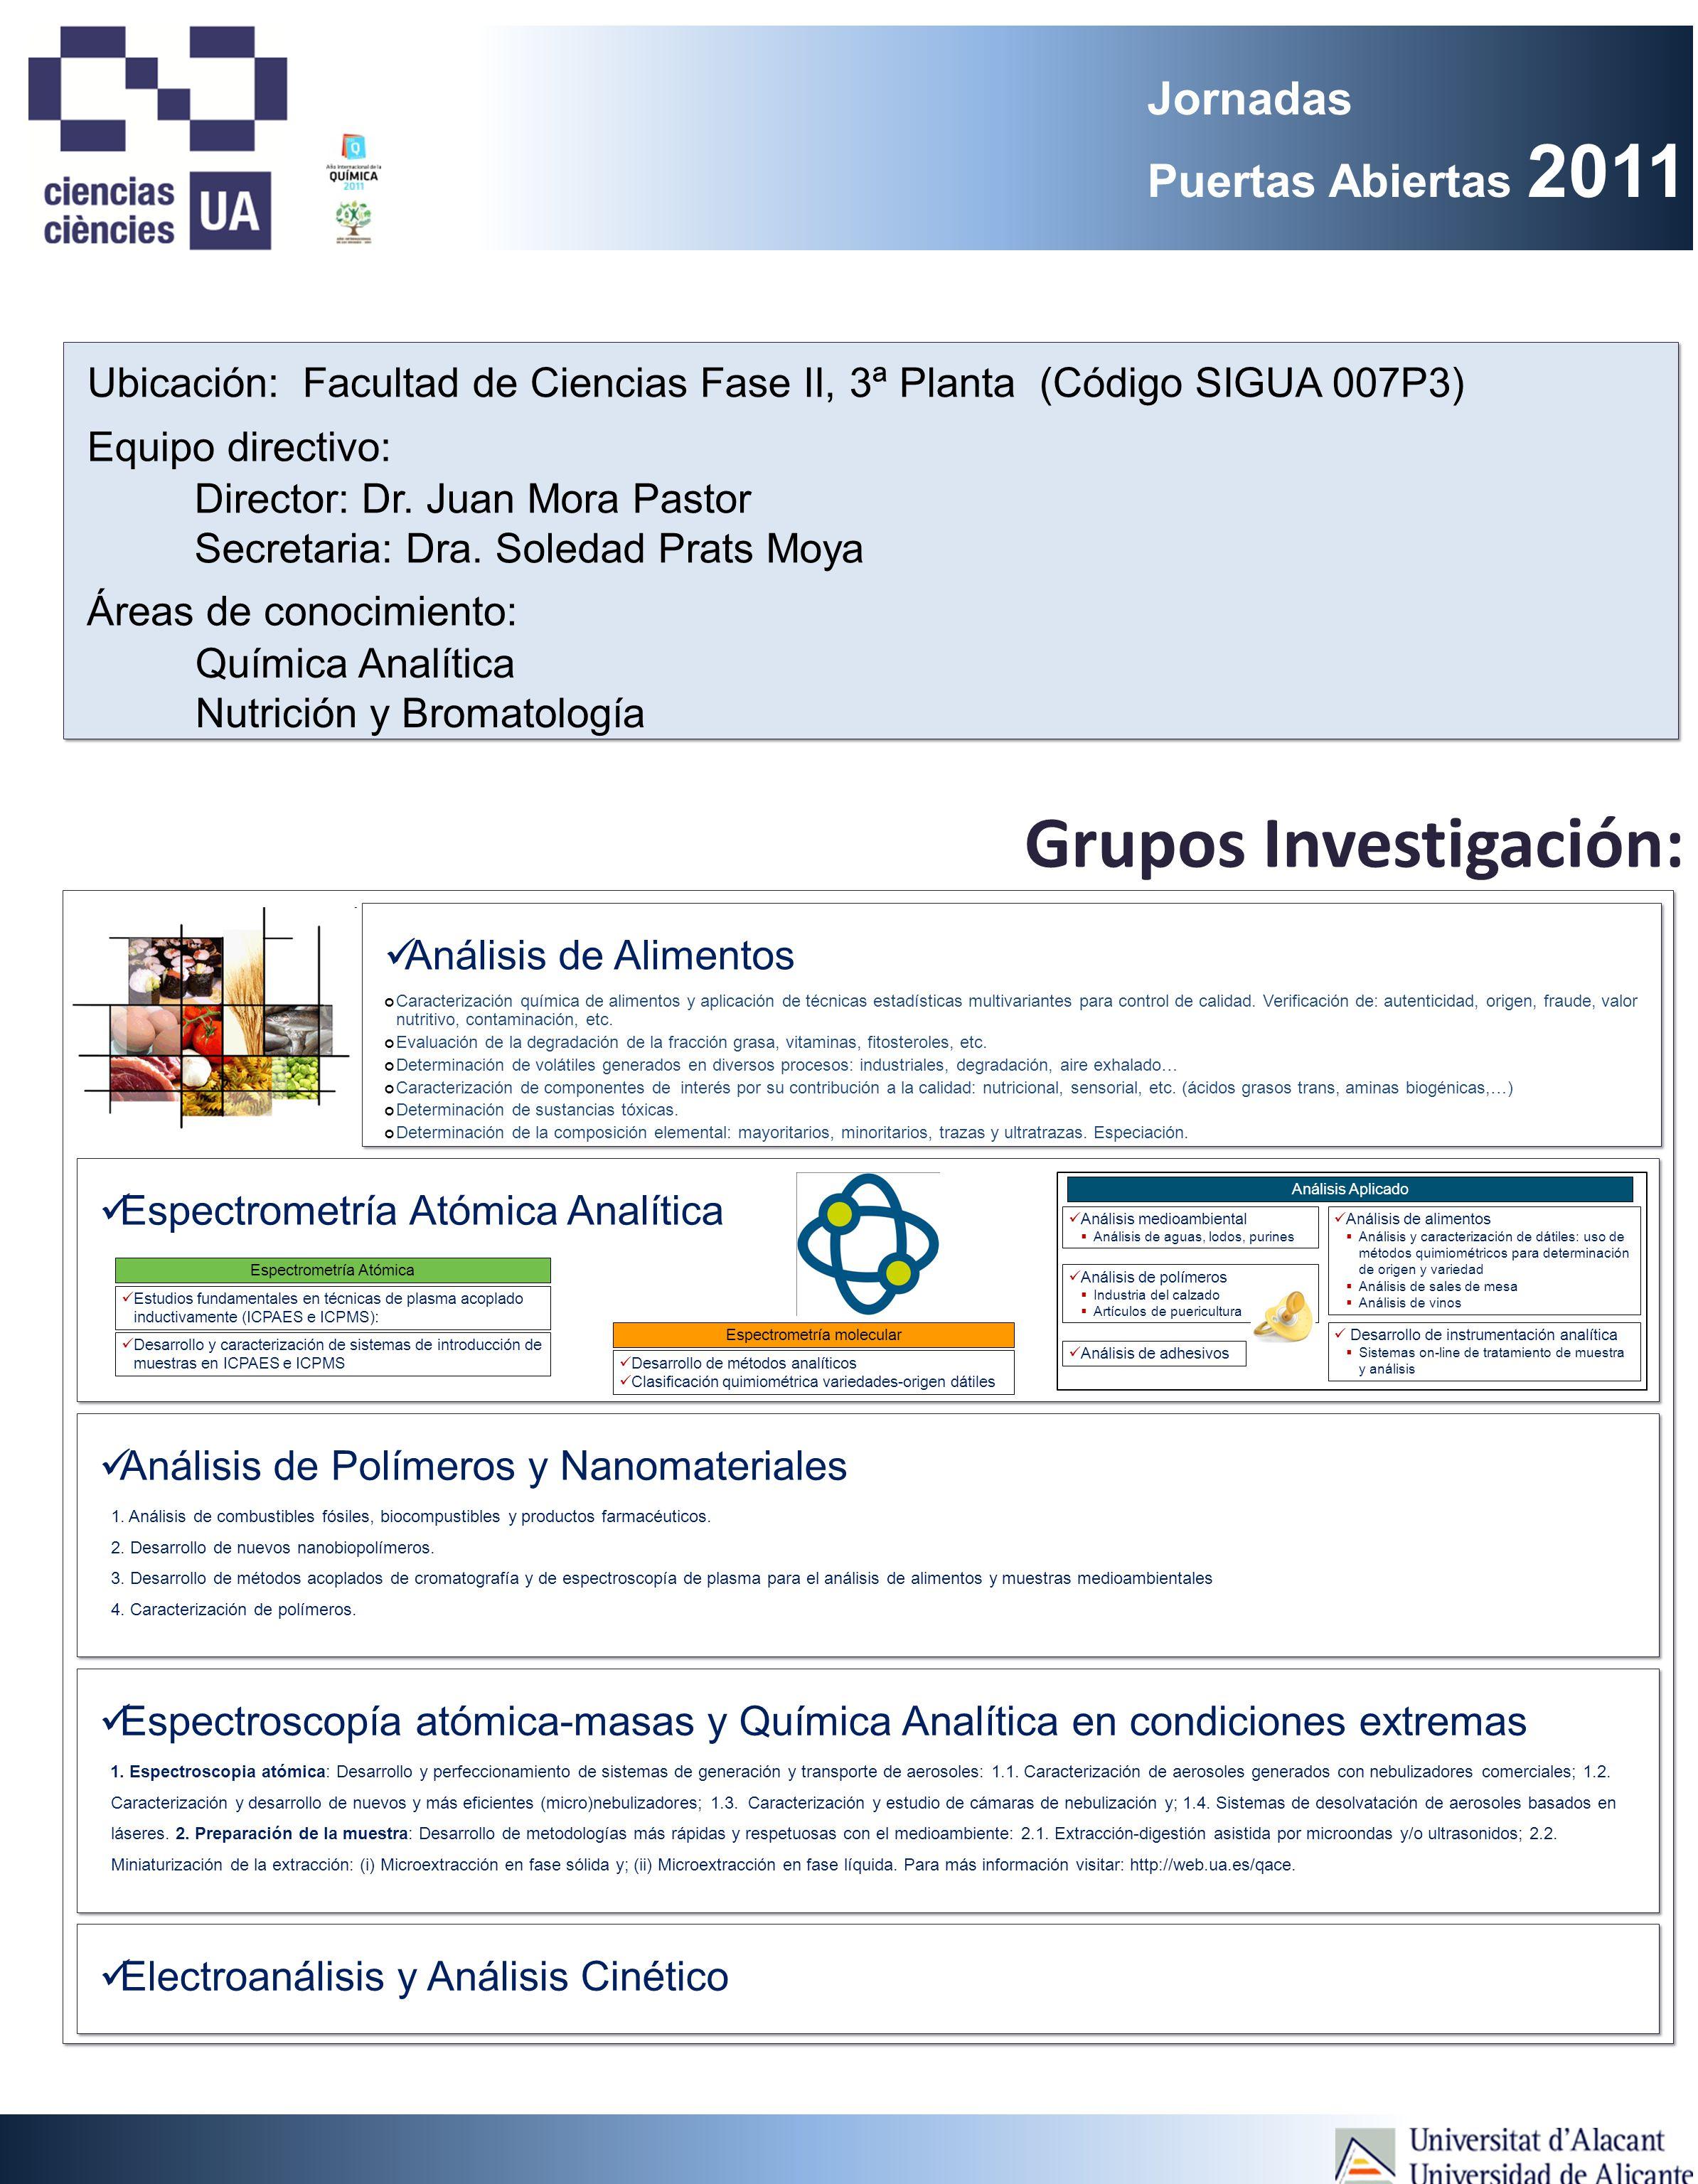 Jornadas Puertas Abiertas 2011 Grupos Investigación: Ubicación: Facultad de Ciencias Fase II, 3ª Planta (Código SIGUA 007P3) Director: Dr.